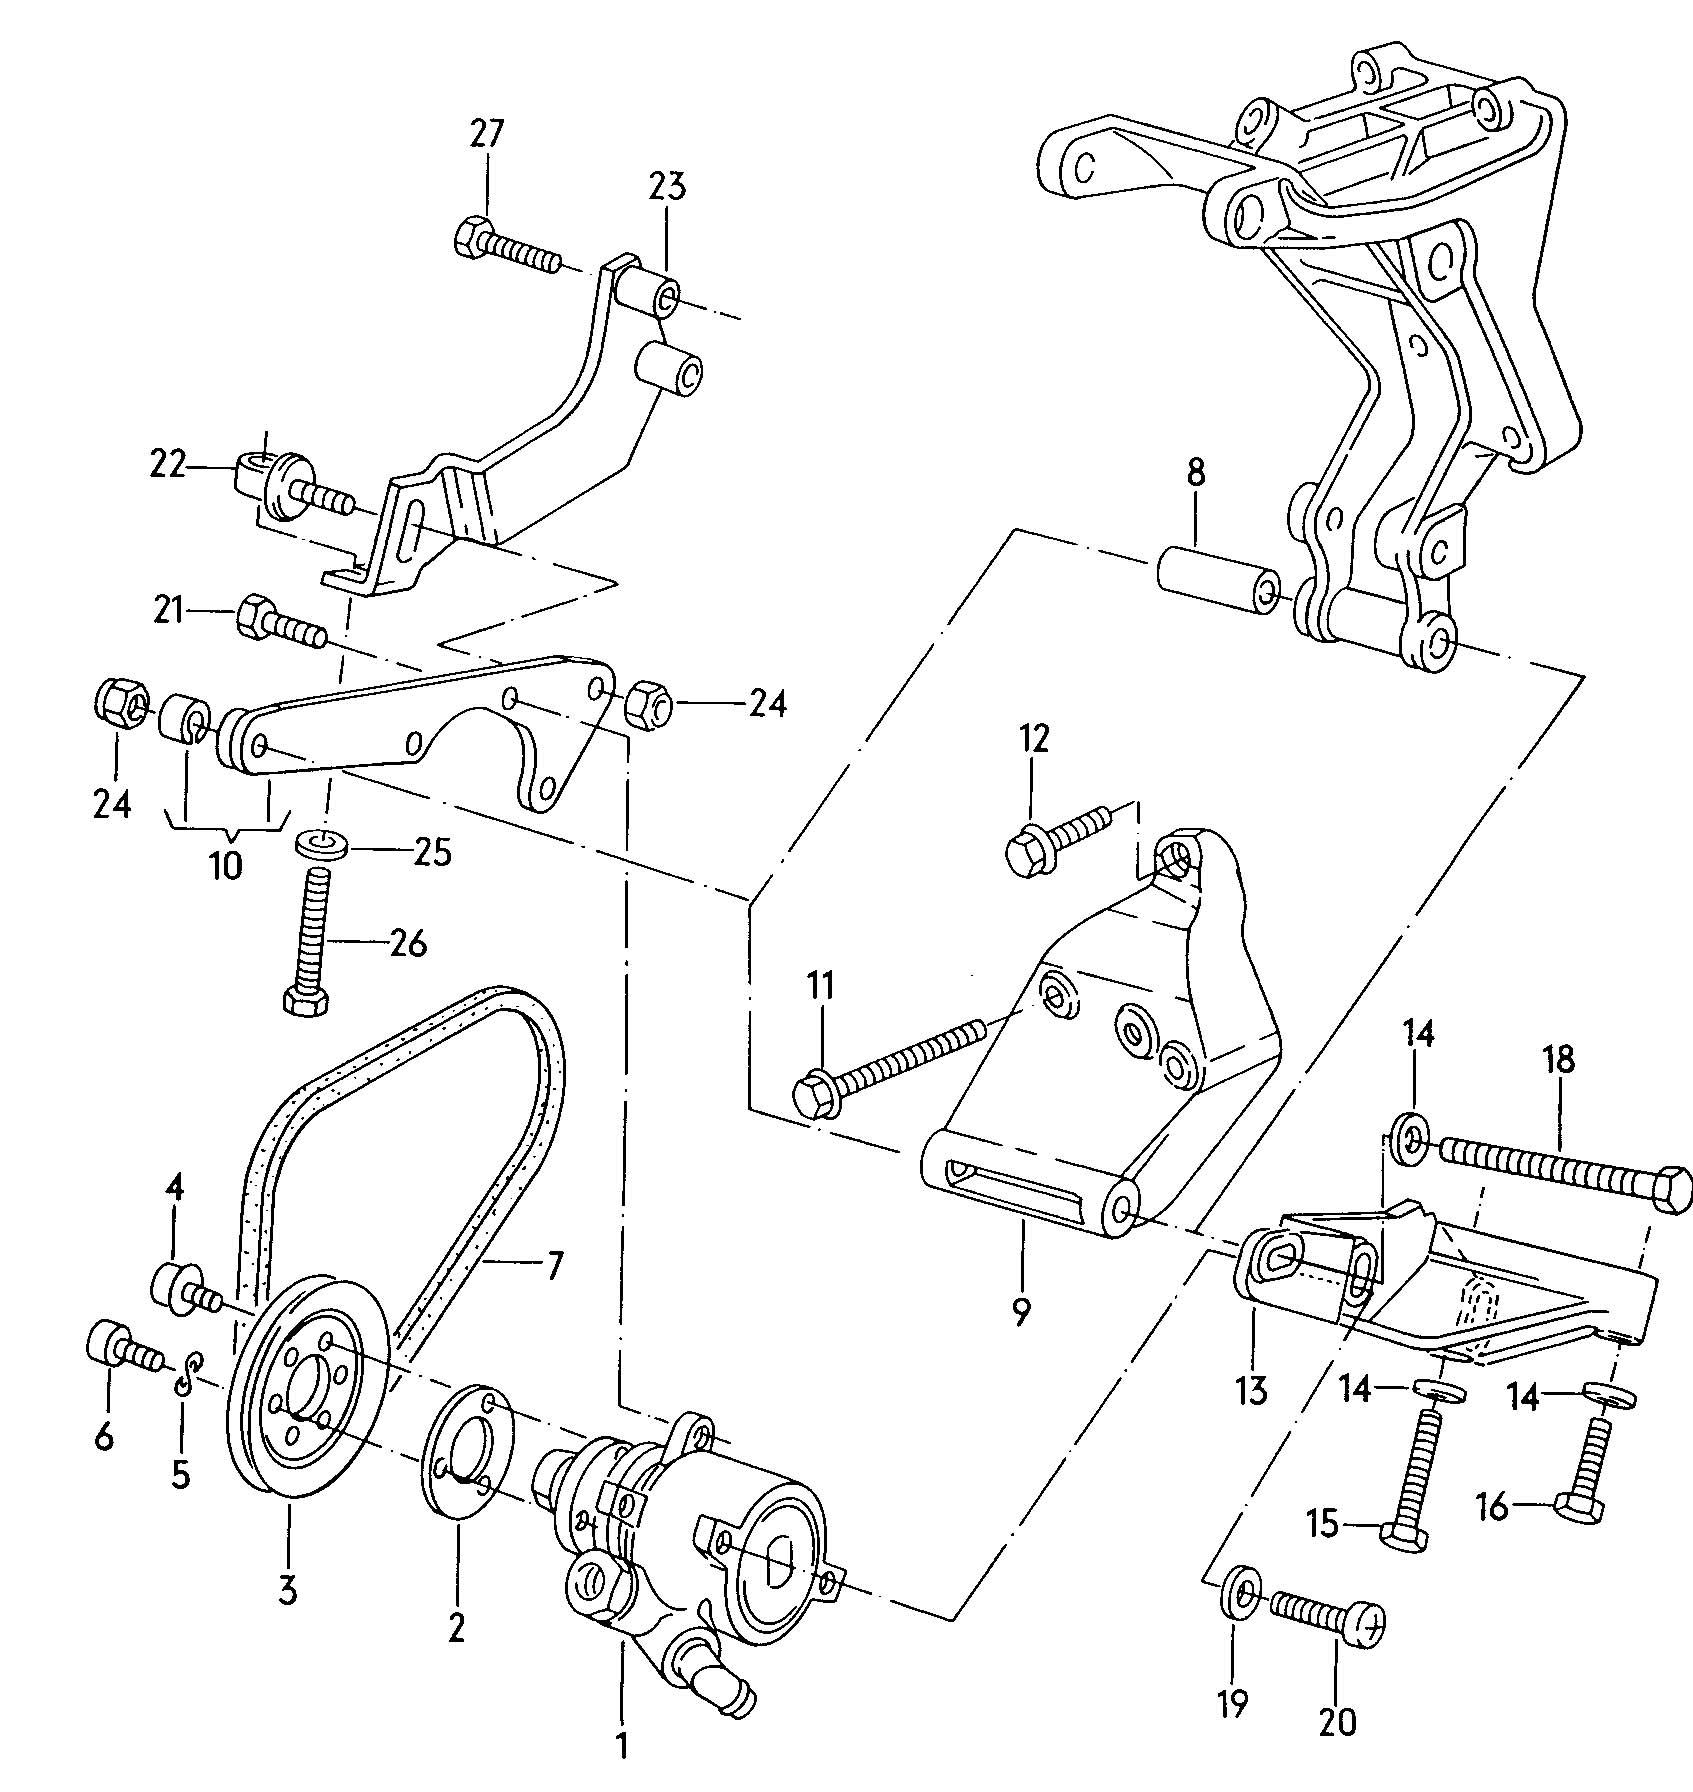 rexroth solenoid valve wiring diagram starting motor